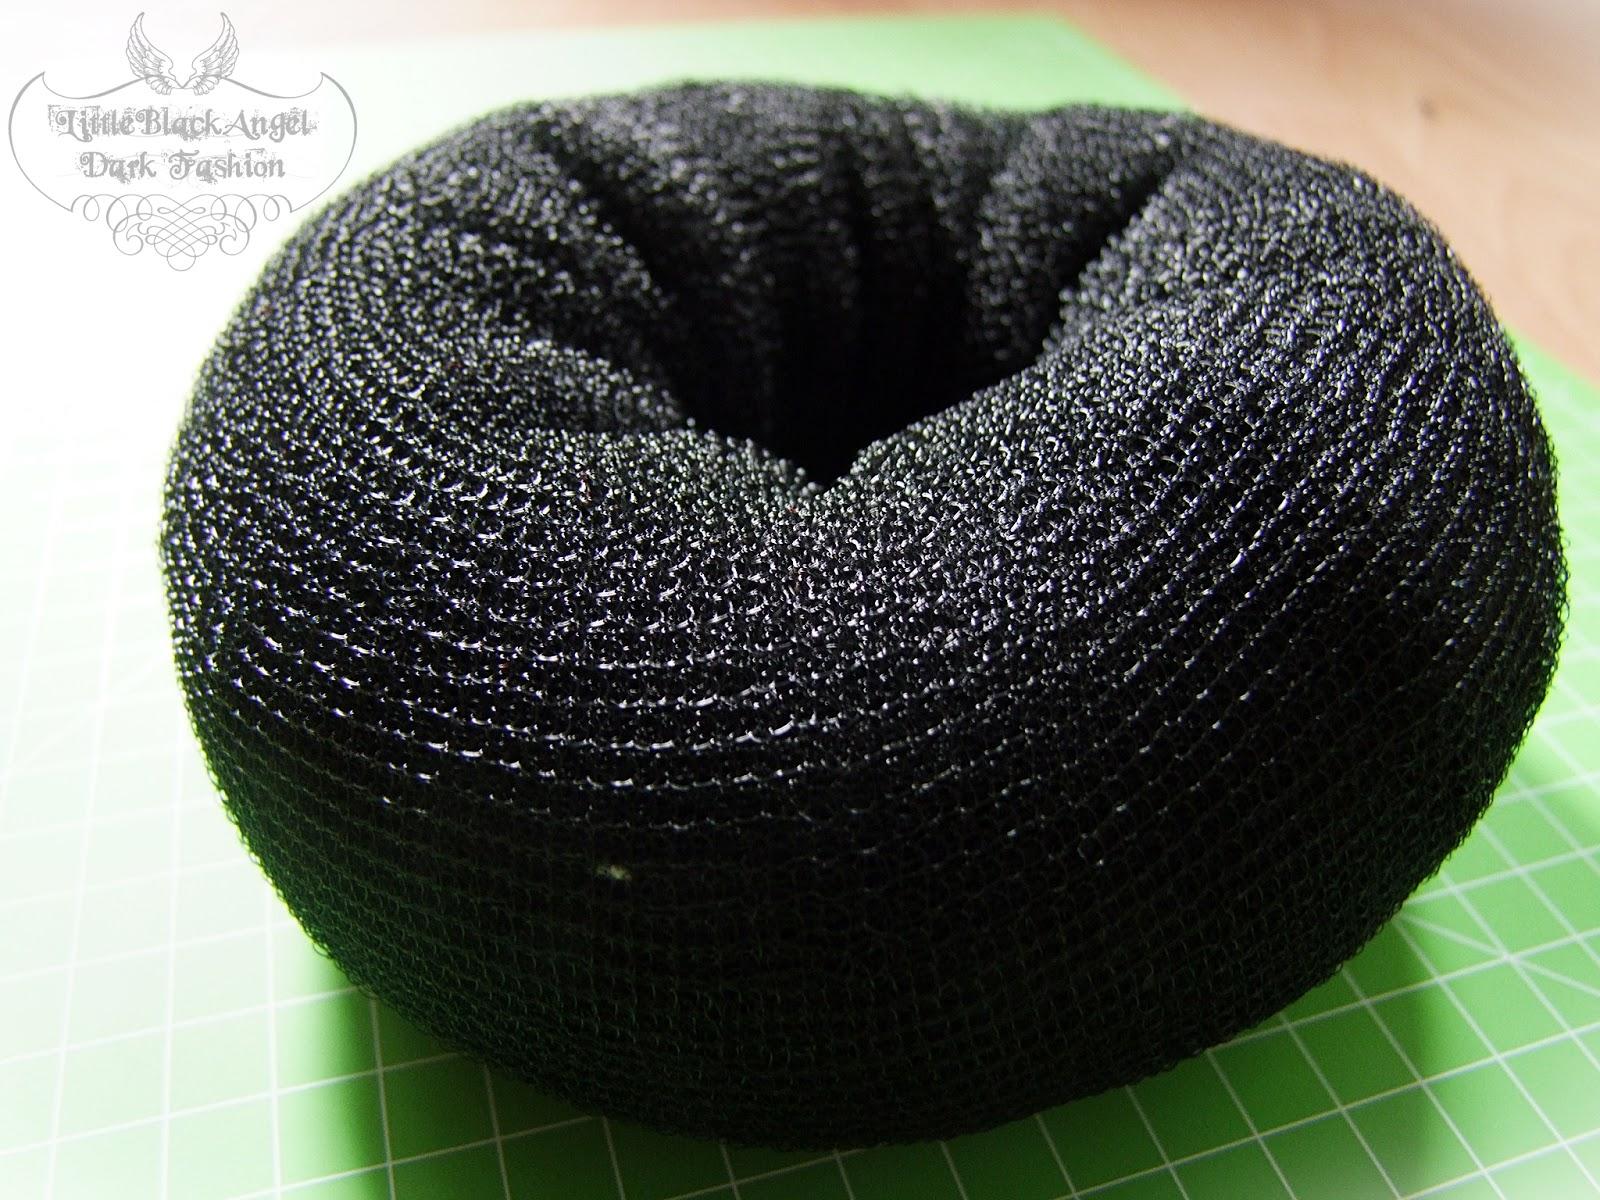 littleblackangel dark fashion ein kissen f r die haare. Black Bedroom Furniture Sets. Home Design Ideas